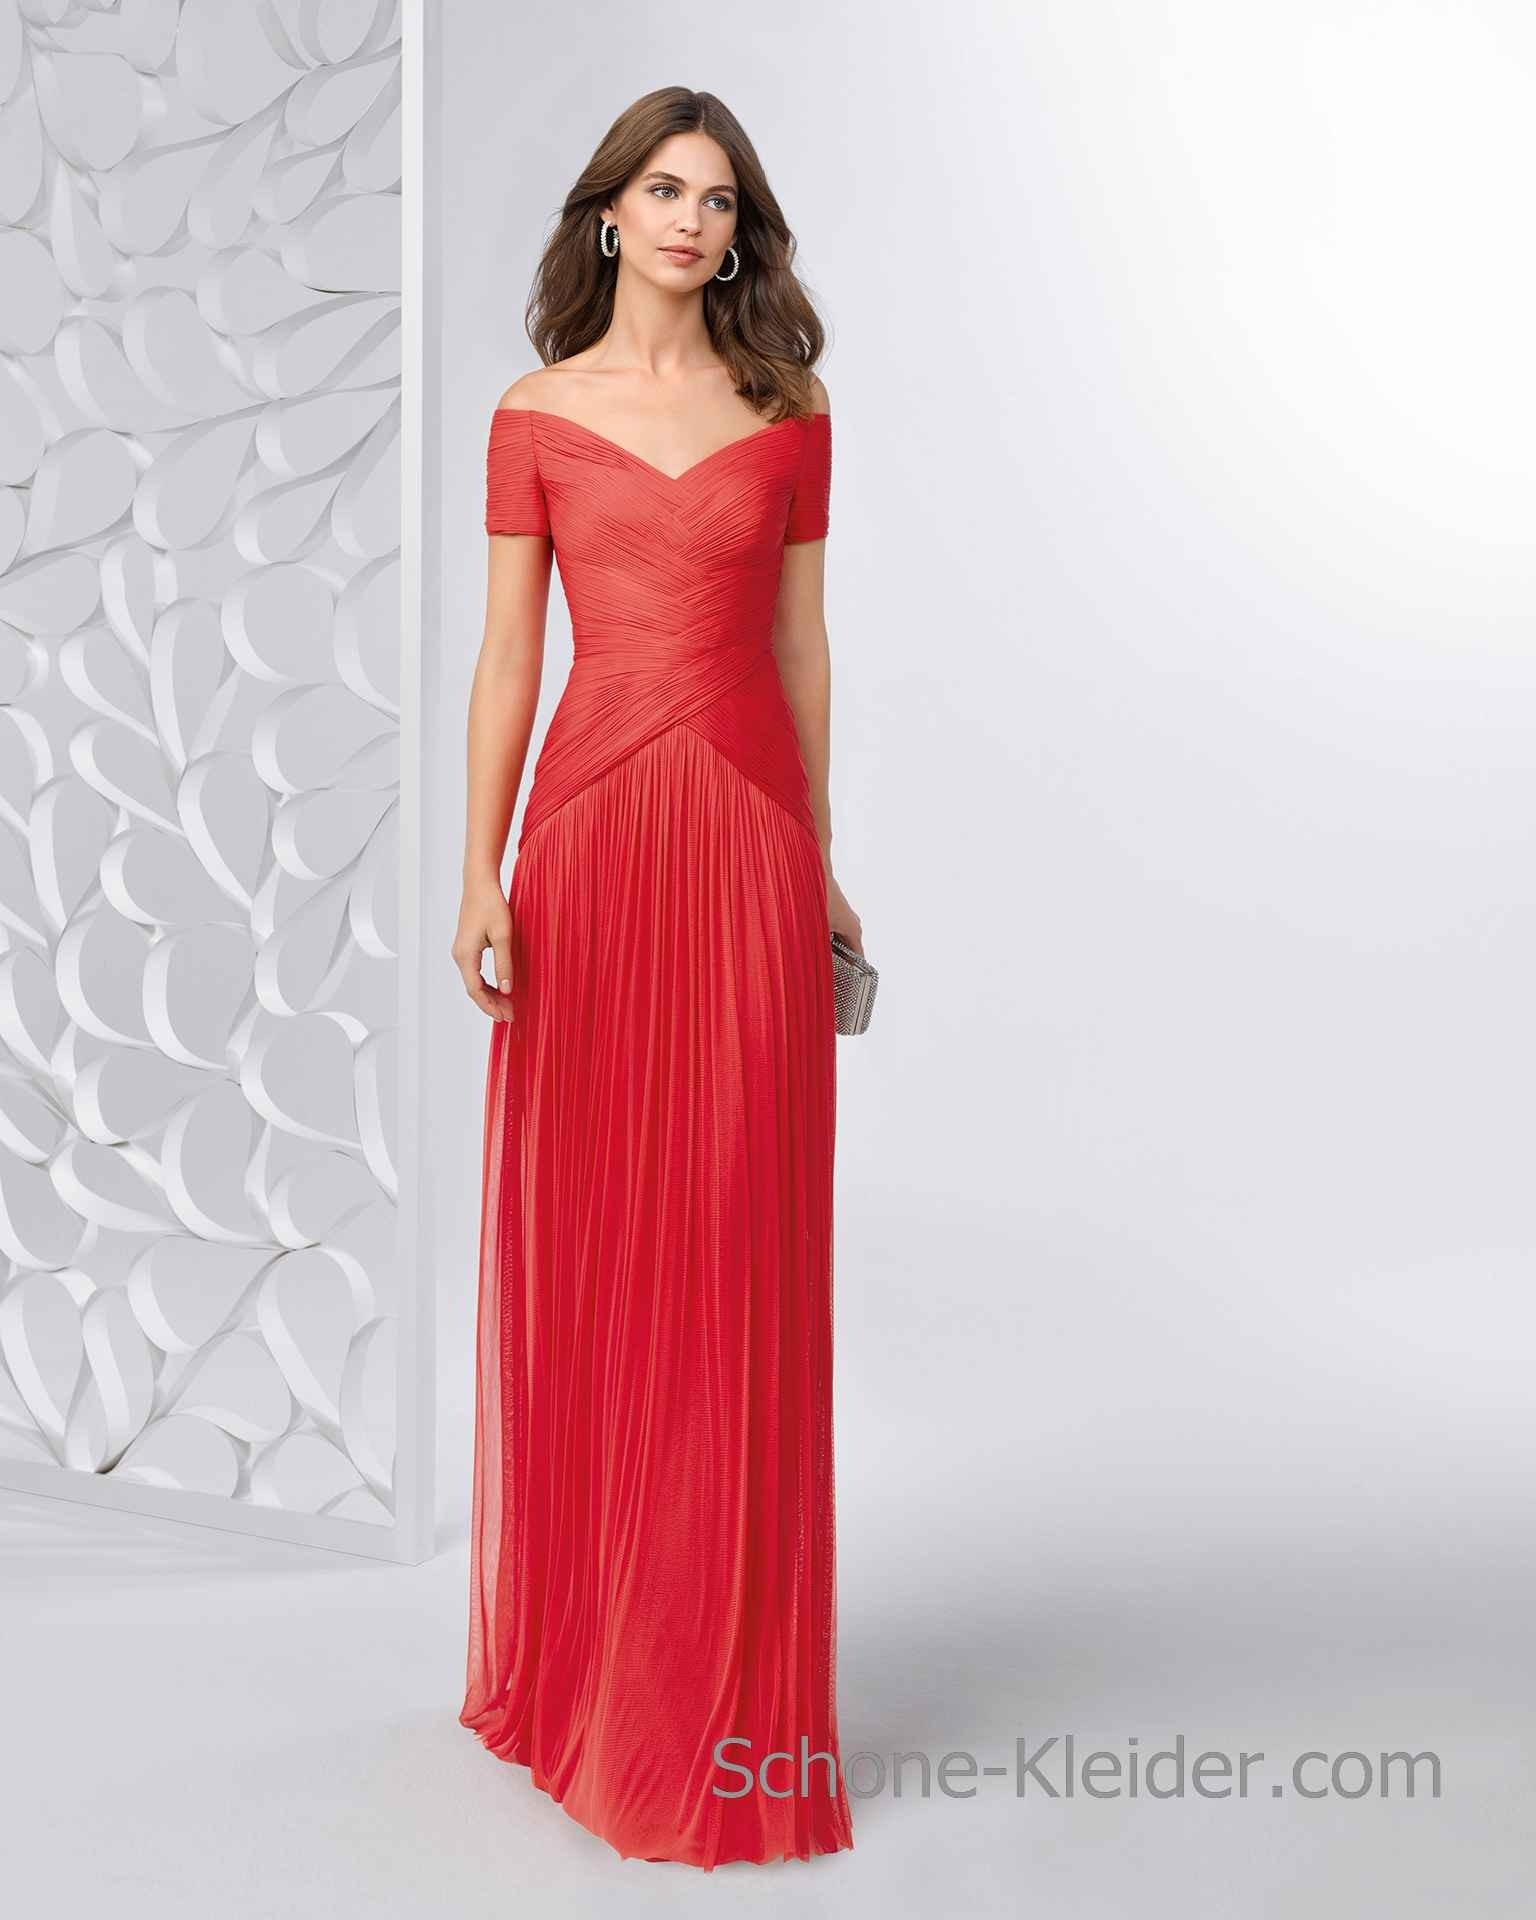 Abend Genial Abendkleid Für Kleine Frauen DesignDesigner Fantastisch Abendkleid Für Kleine Frauen Vertrieb